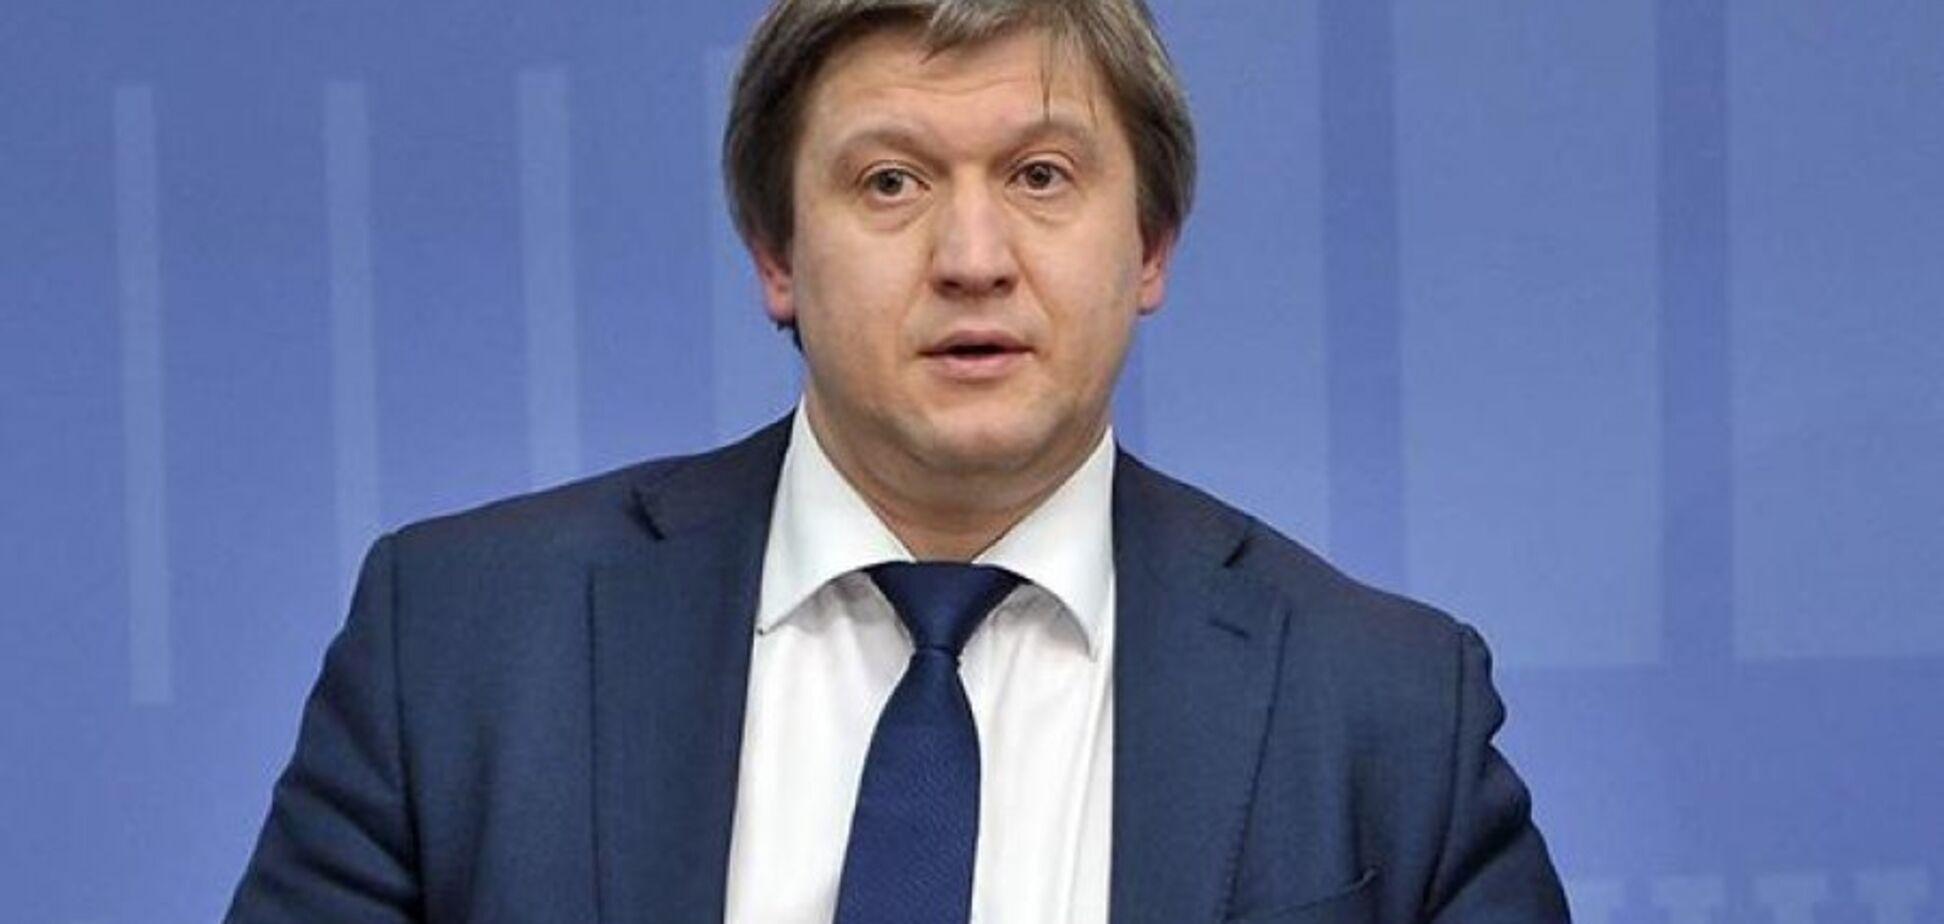 Біля будинку Данилюка напали на журналістів: прокуратура відреагувала